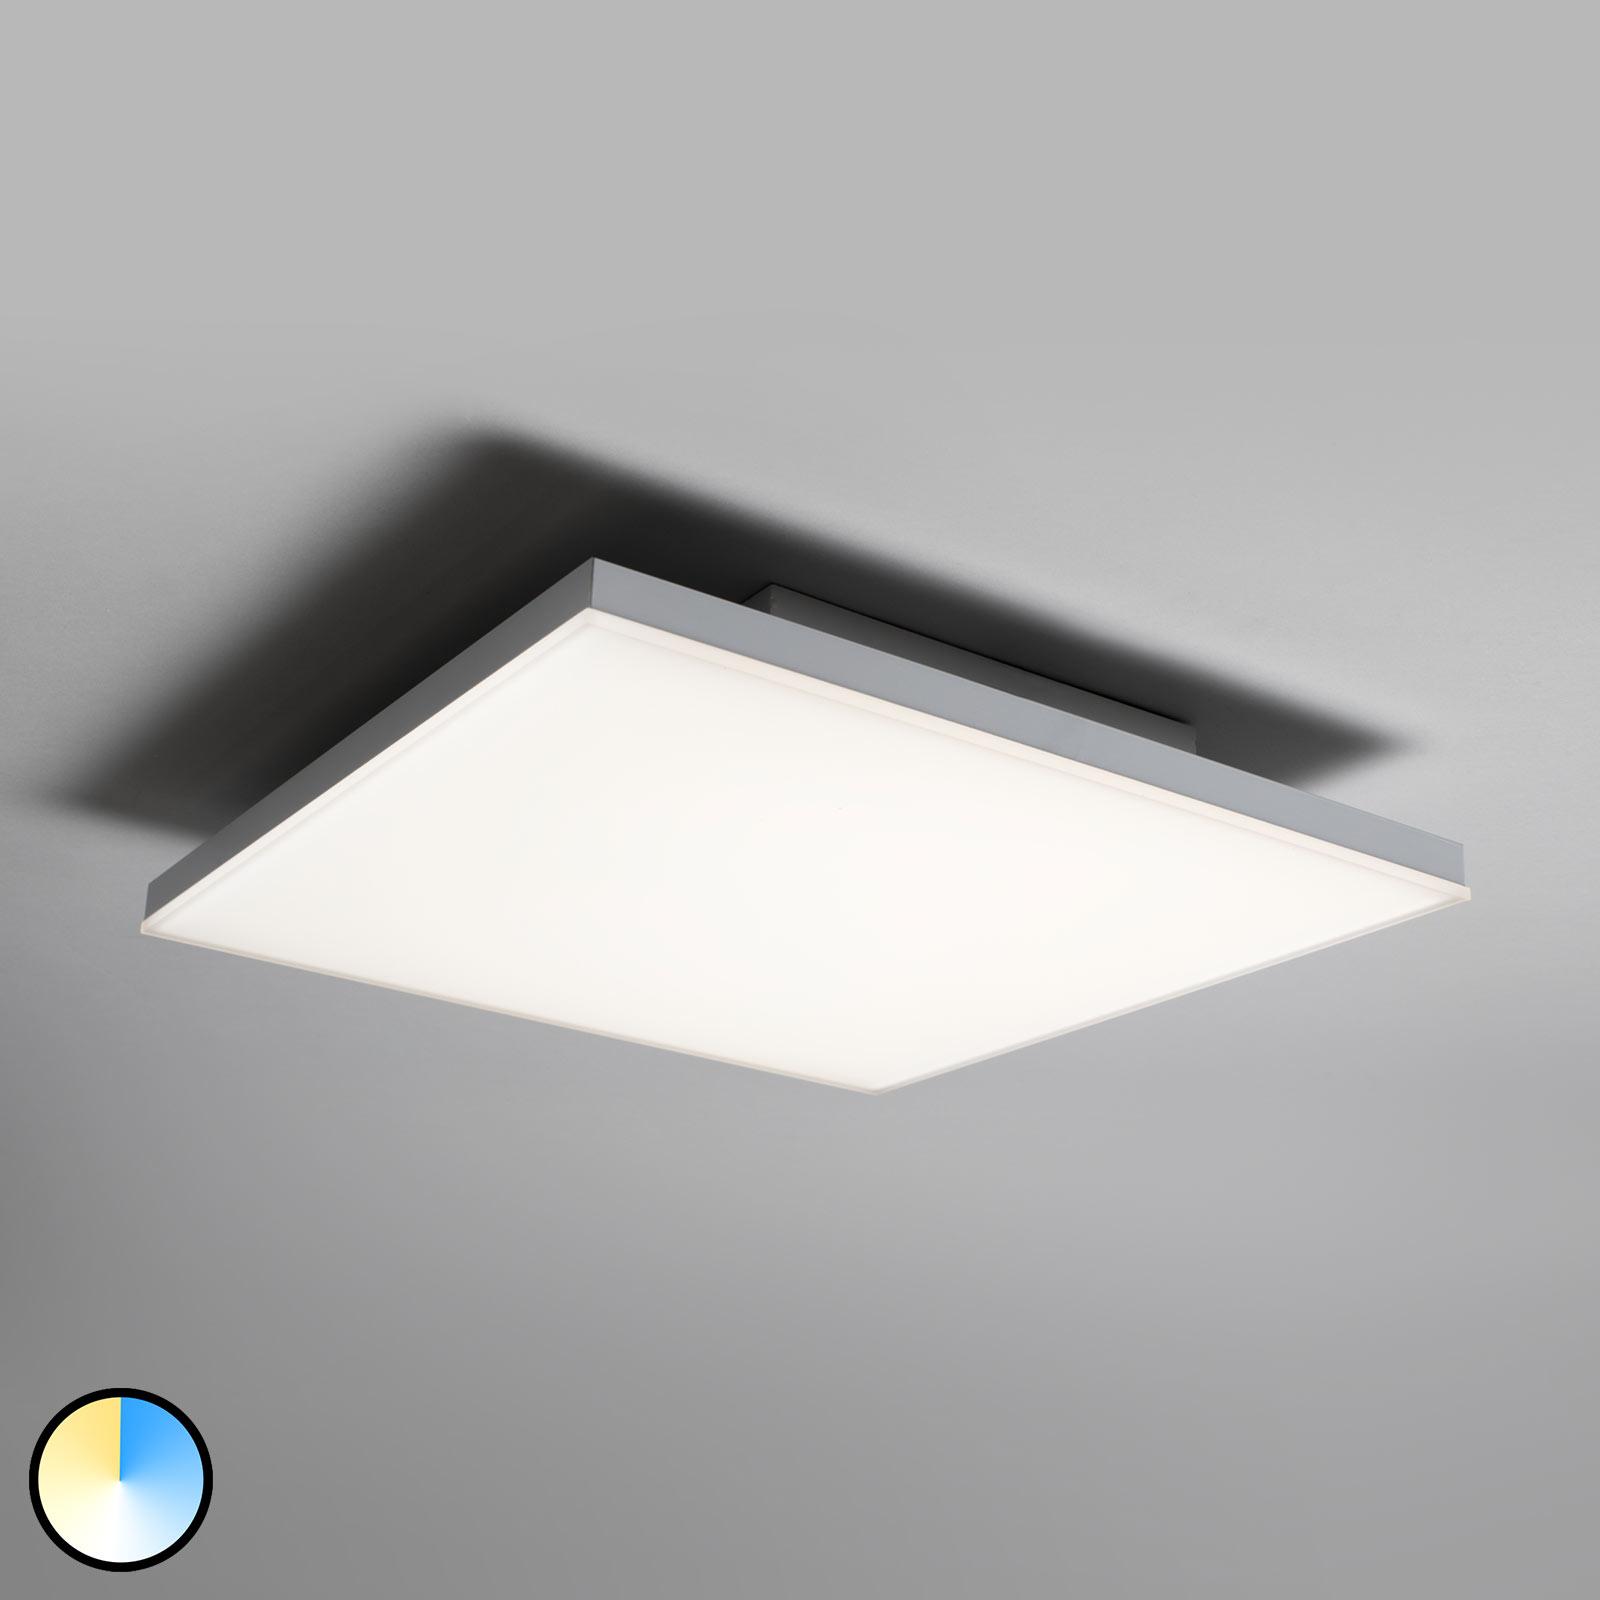 LEDVANCE Planon Frameless-LED-paneeli 40x40 cm CCT